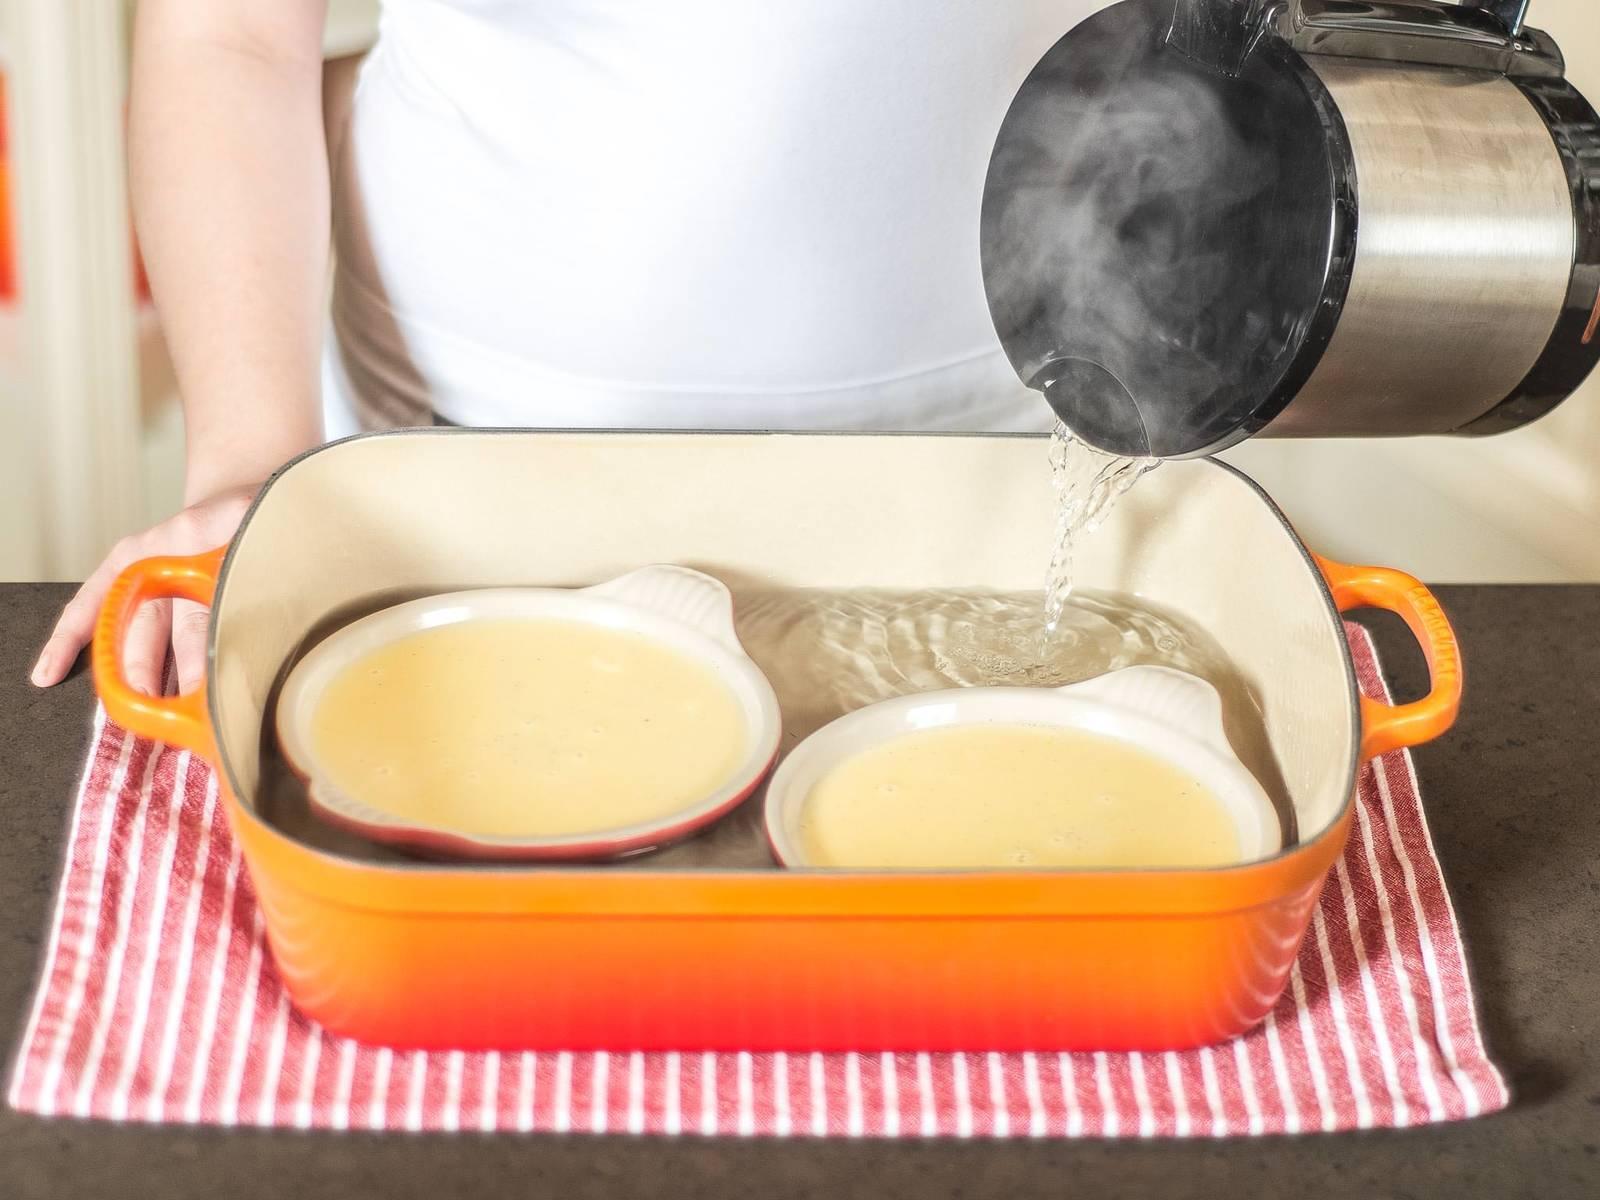 Die Masse auf Brulée-Förmchen verteilen und diese in eine hohe Auflaufform stellen. Aufflaufform mit heißem Wasser aufgießen, sodass ein Wasserbad entsteht, in dem die Masse sanft garen kann.